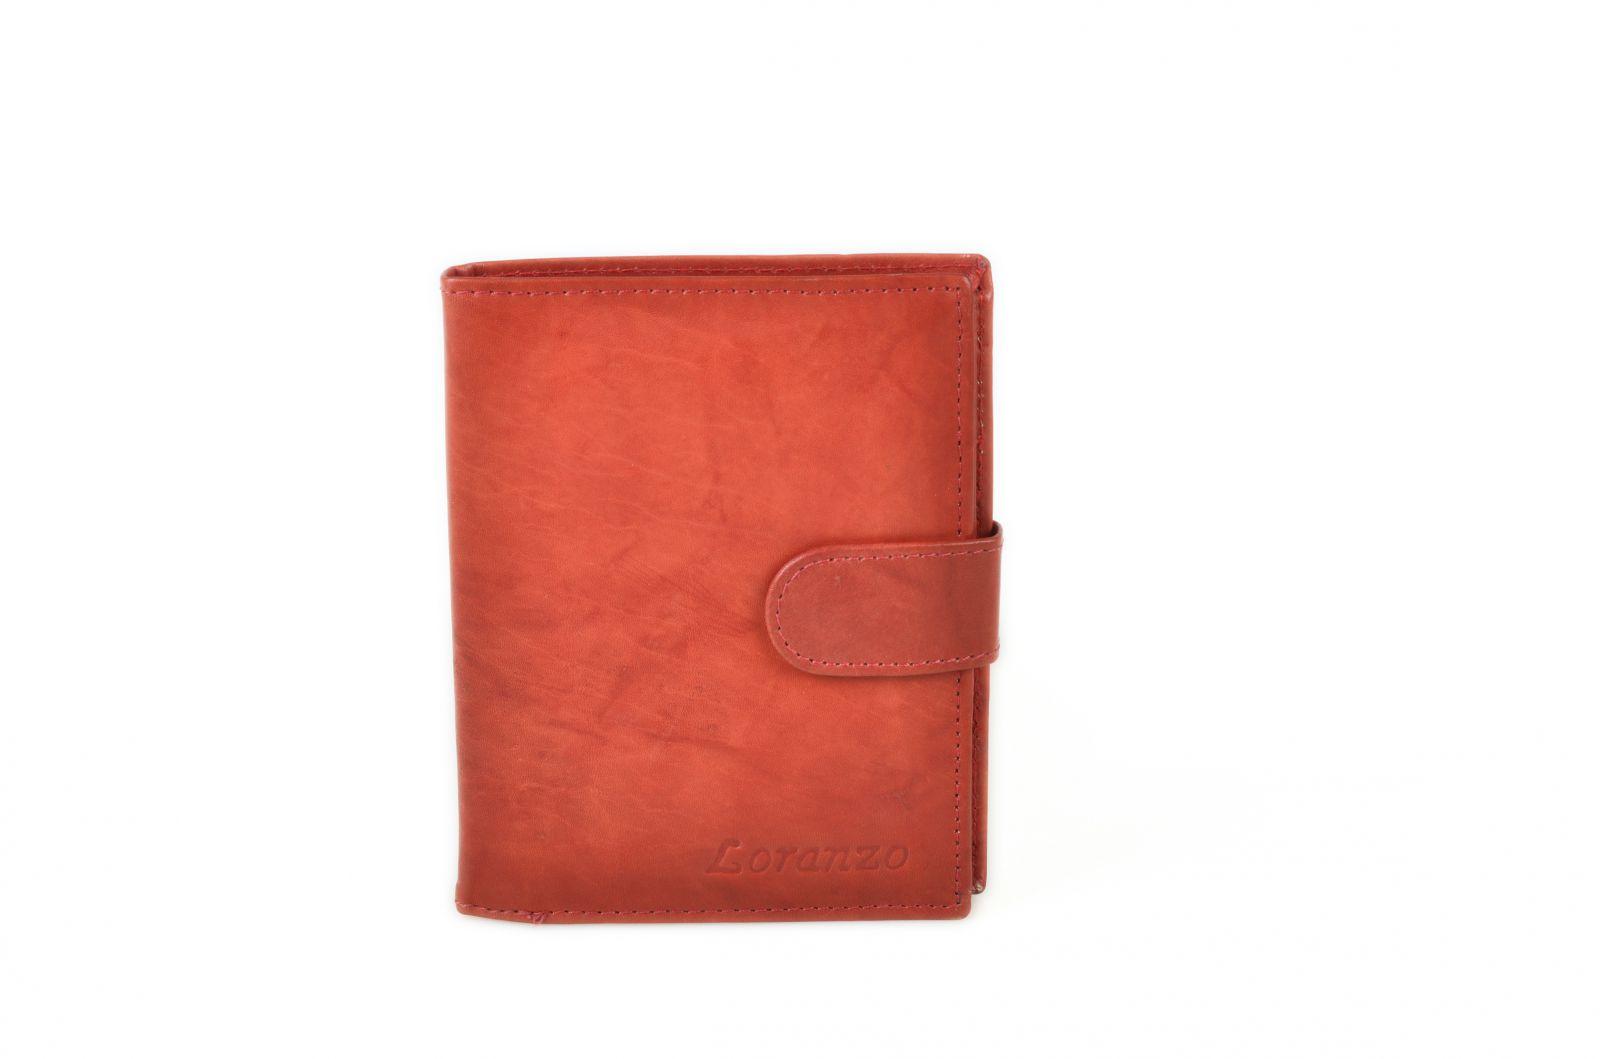 Pánská kožená peněženka Loranzo 492 světlohnědá